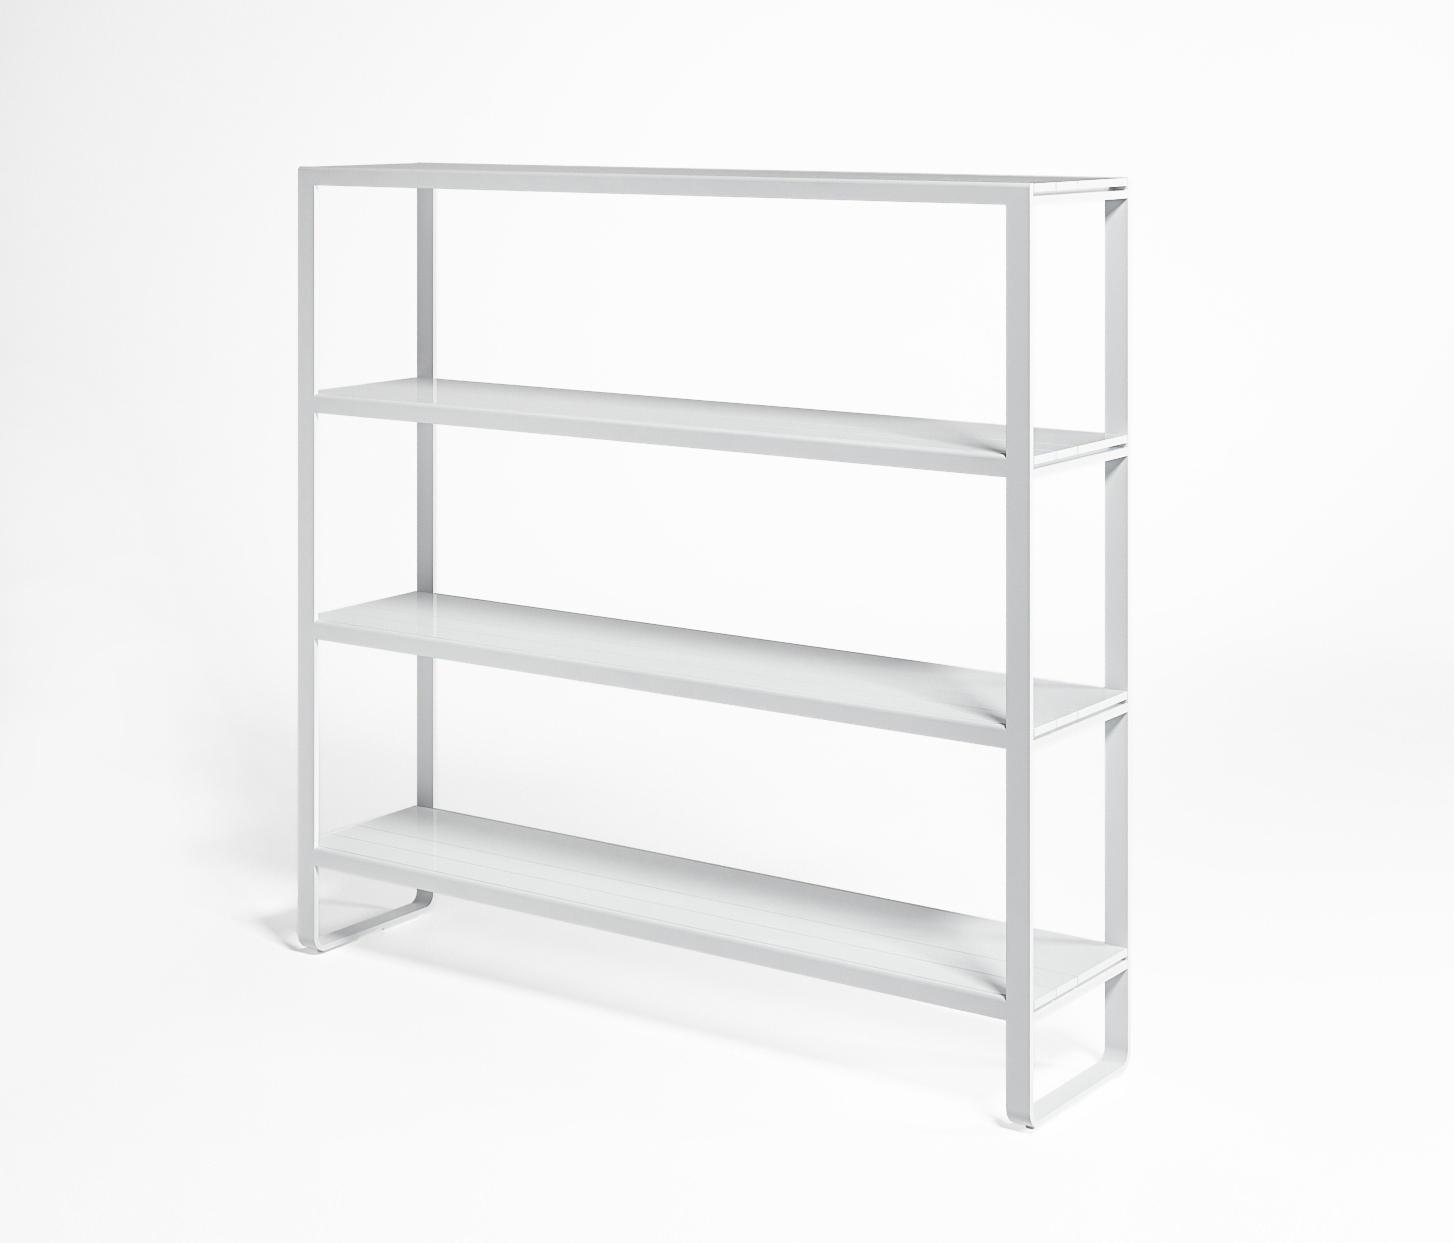 Flat Shelving System Shelves By Gandiablasco Architonic